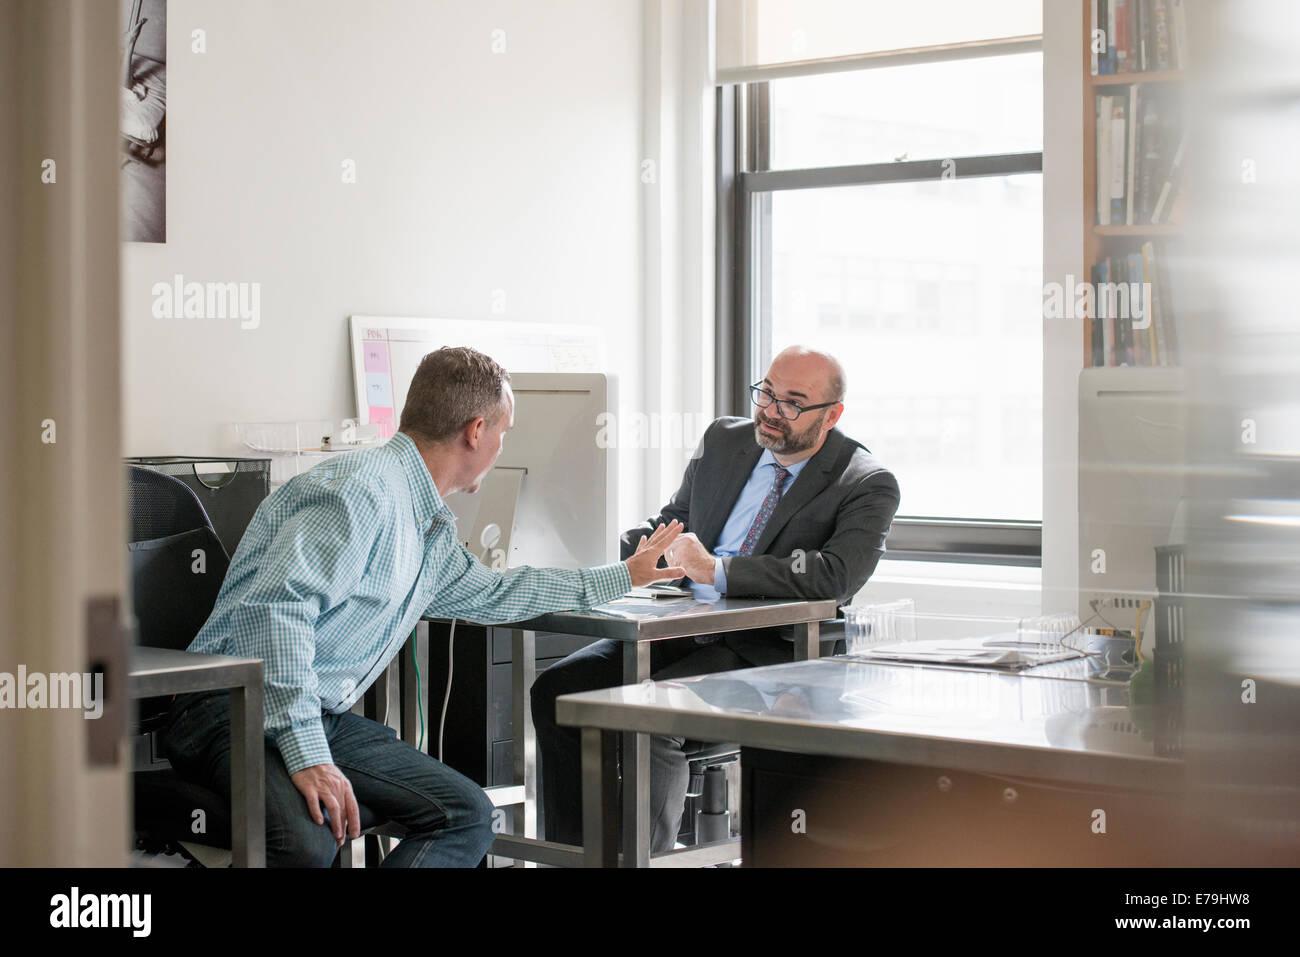 Büroalltag. Zwei Männer sitzen, miteinander zu reden. Stockbild